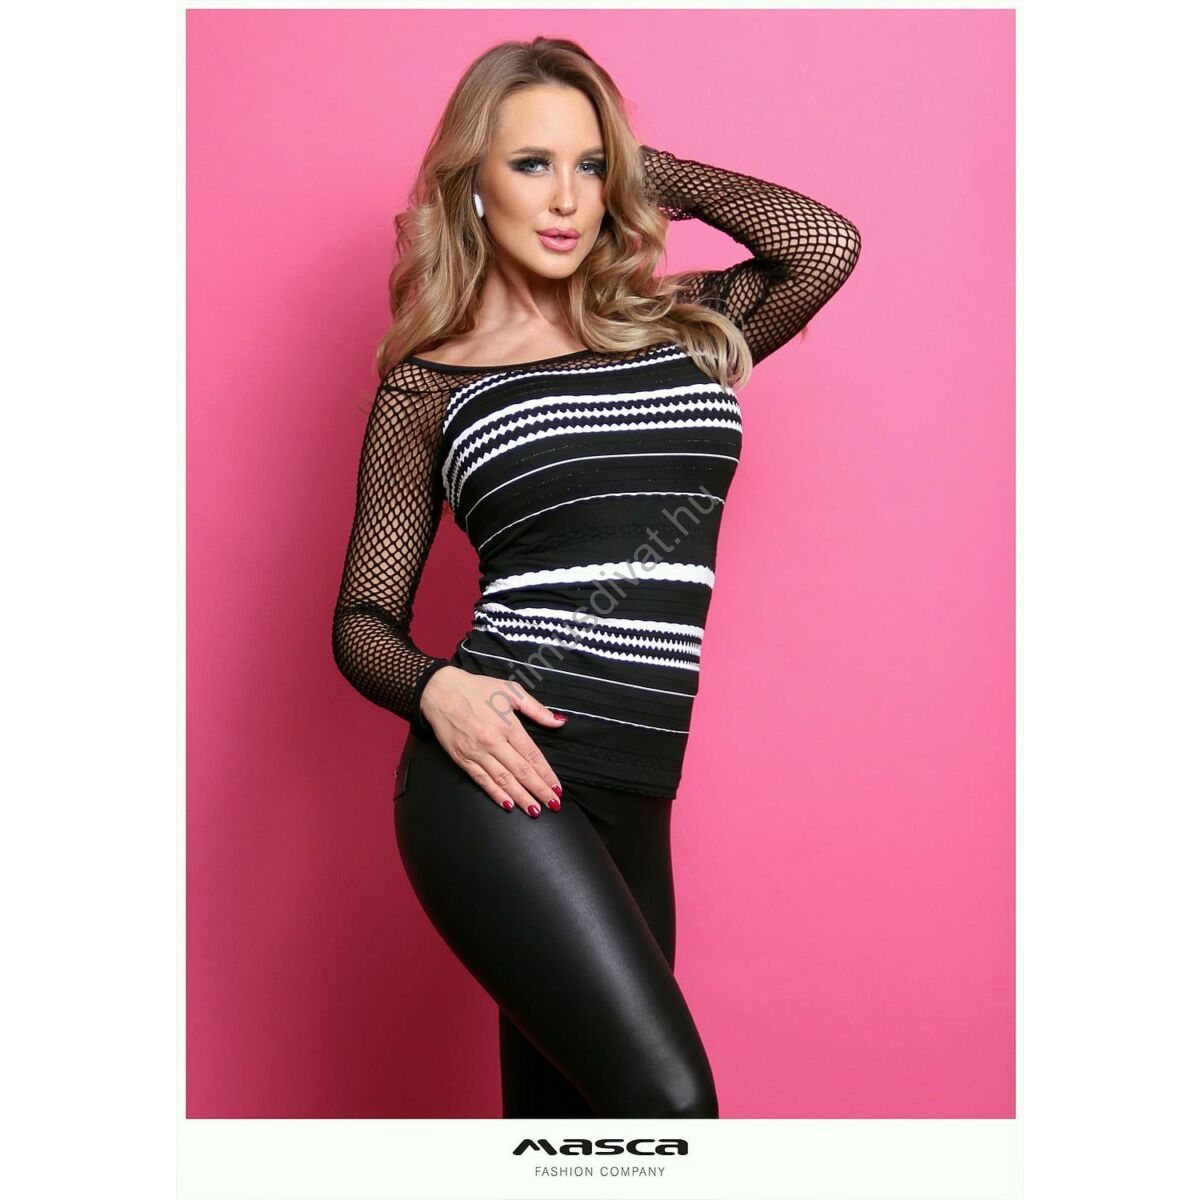 Masca Fashion vállra szabott, hosszú necc ujjú fekete-fehér hullámos csíkos szűk felső